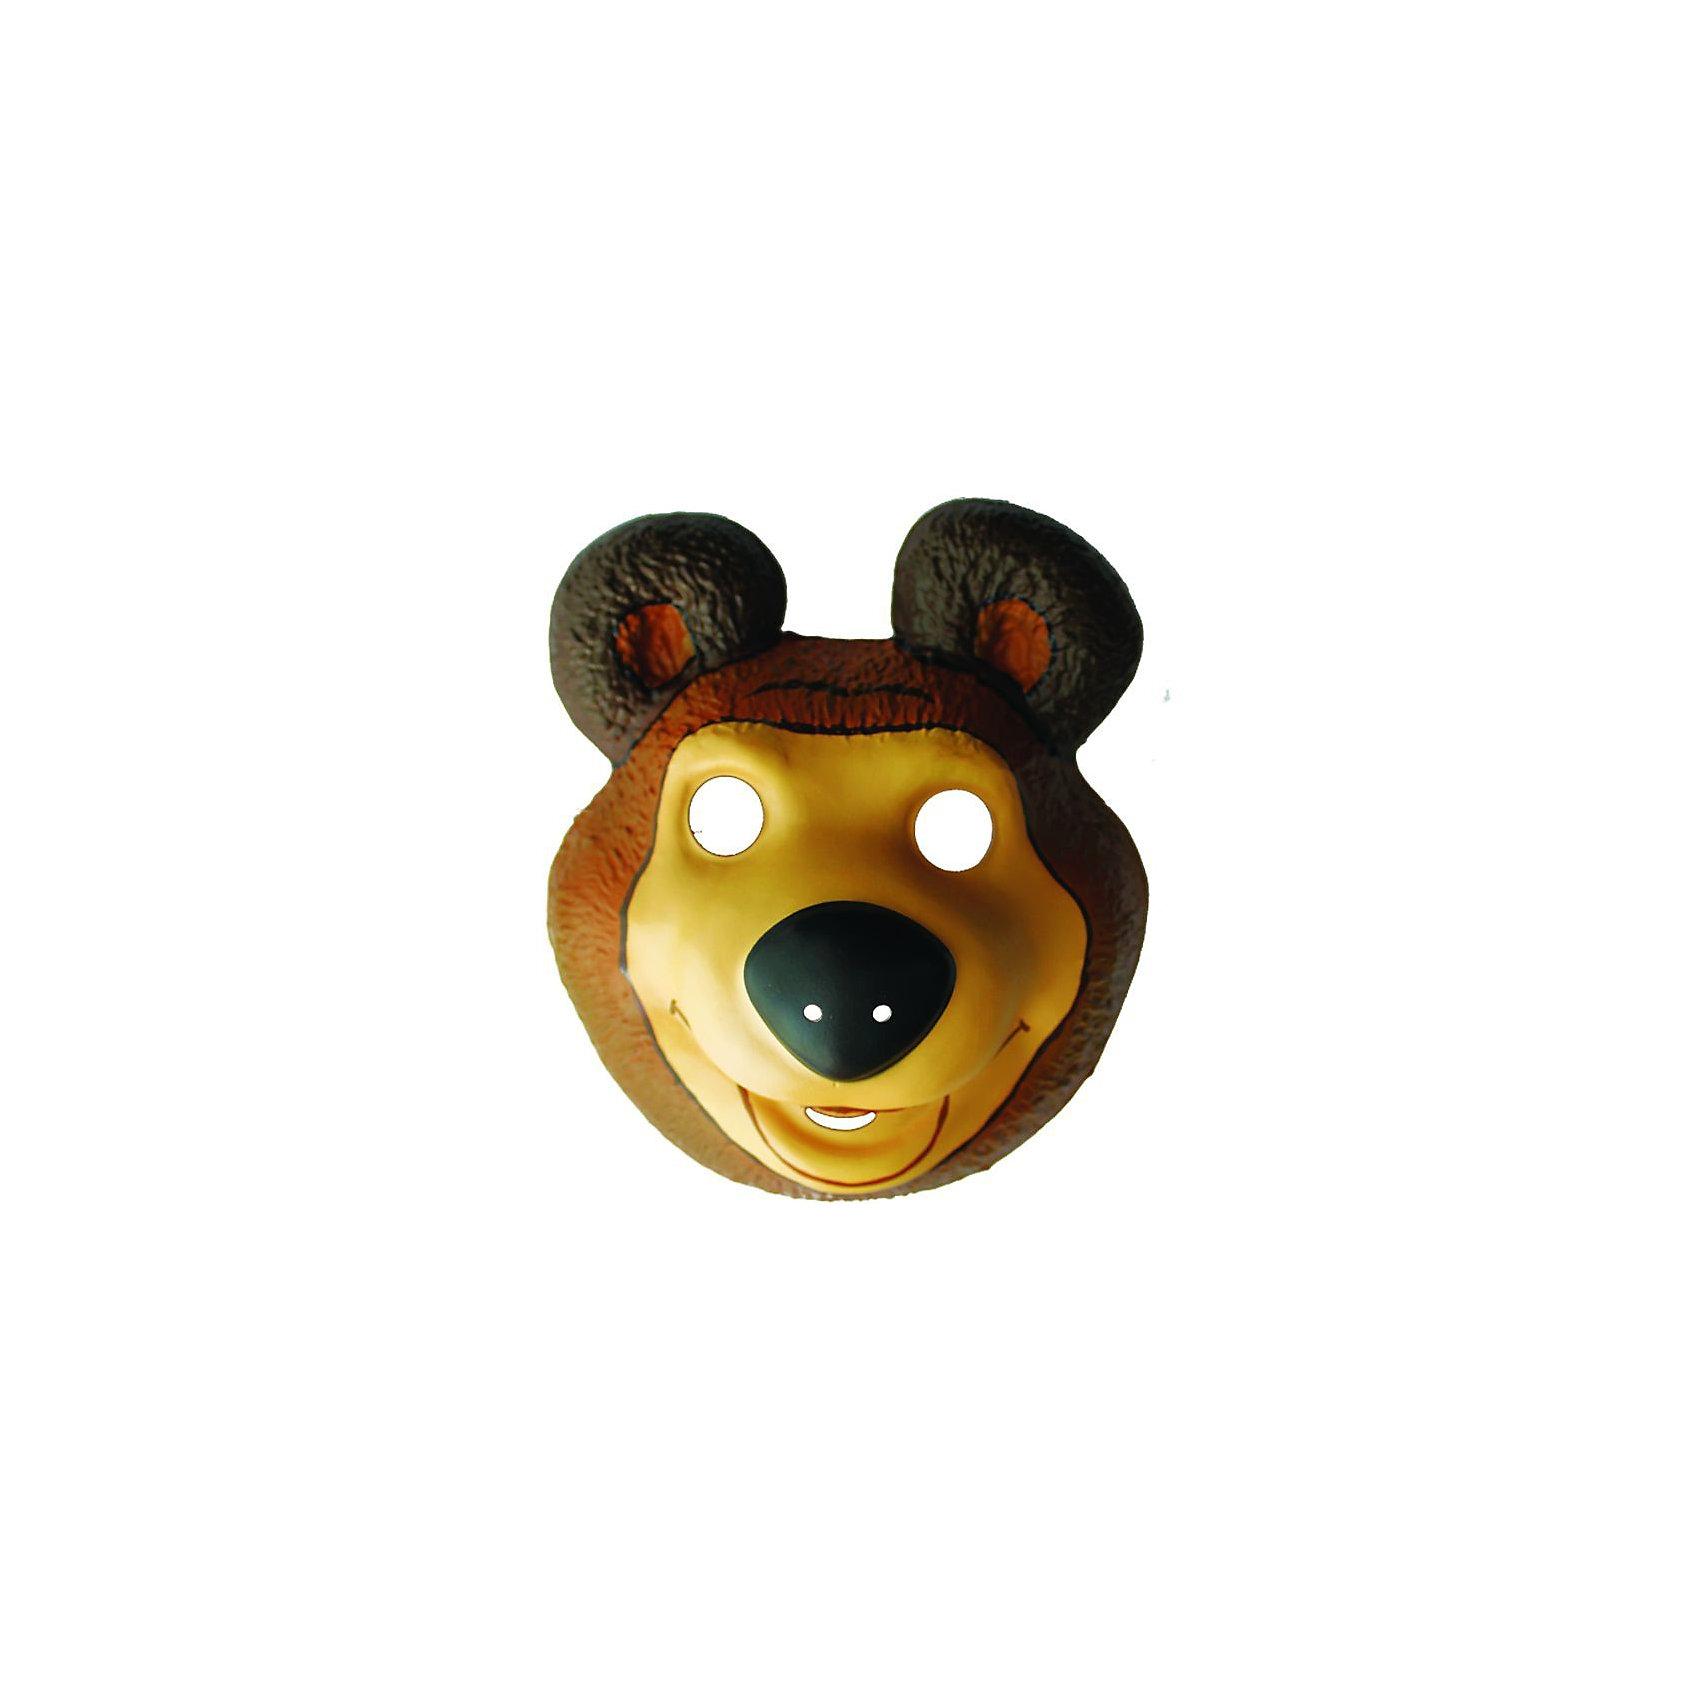 Маска Медведь, Маша и медведьС детской маской Медведя ребенок превратится в героя любимого мультика про Машу и Медведя.<br><br>Дополнительная информация:<br><br>- Материал: ПВХ<br>- Размер упаковки: 20 х 21 см<br><br>Маску Медведь, Маша и медведь можно купить в нашем магазине.<br><br>Ширина мм: 200<br>Глубина мм: 210<br>Высота мм: 20<br>Вес г: 20<br>Возраст от месяцев: 36<br>Возраст до месяцев: 120<br>Пол: Мужской<br>Возраст: Детский<br>SKU: 3375131